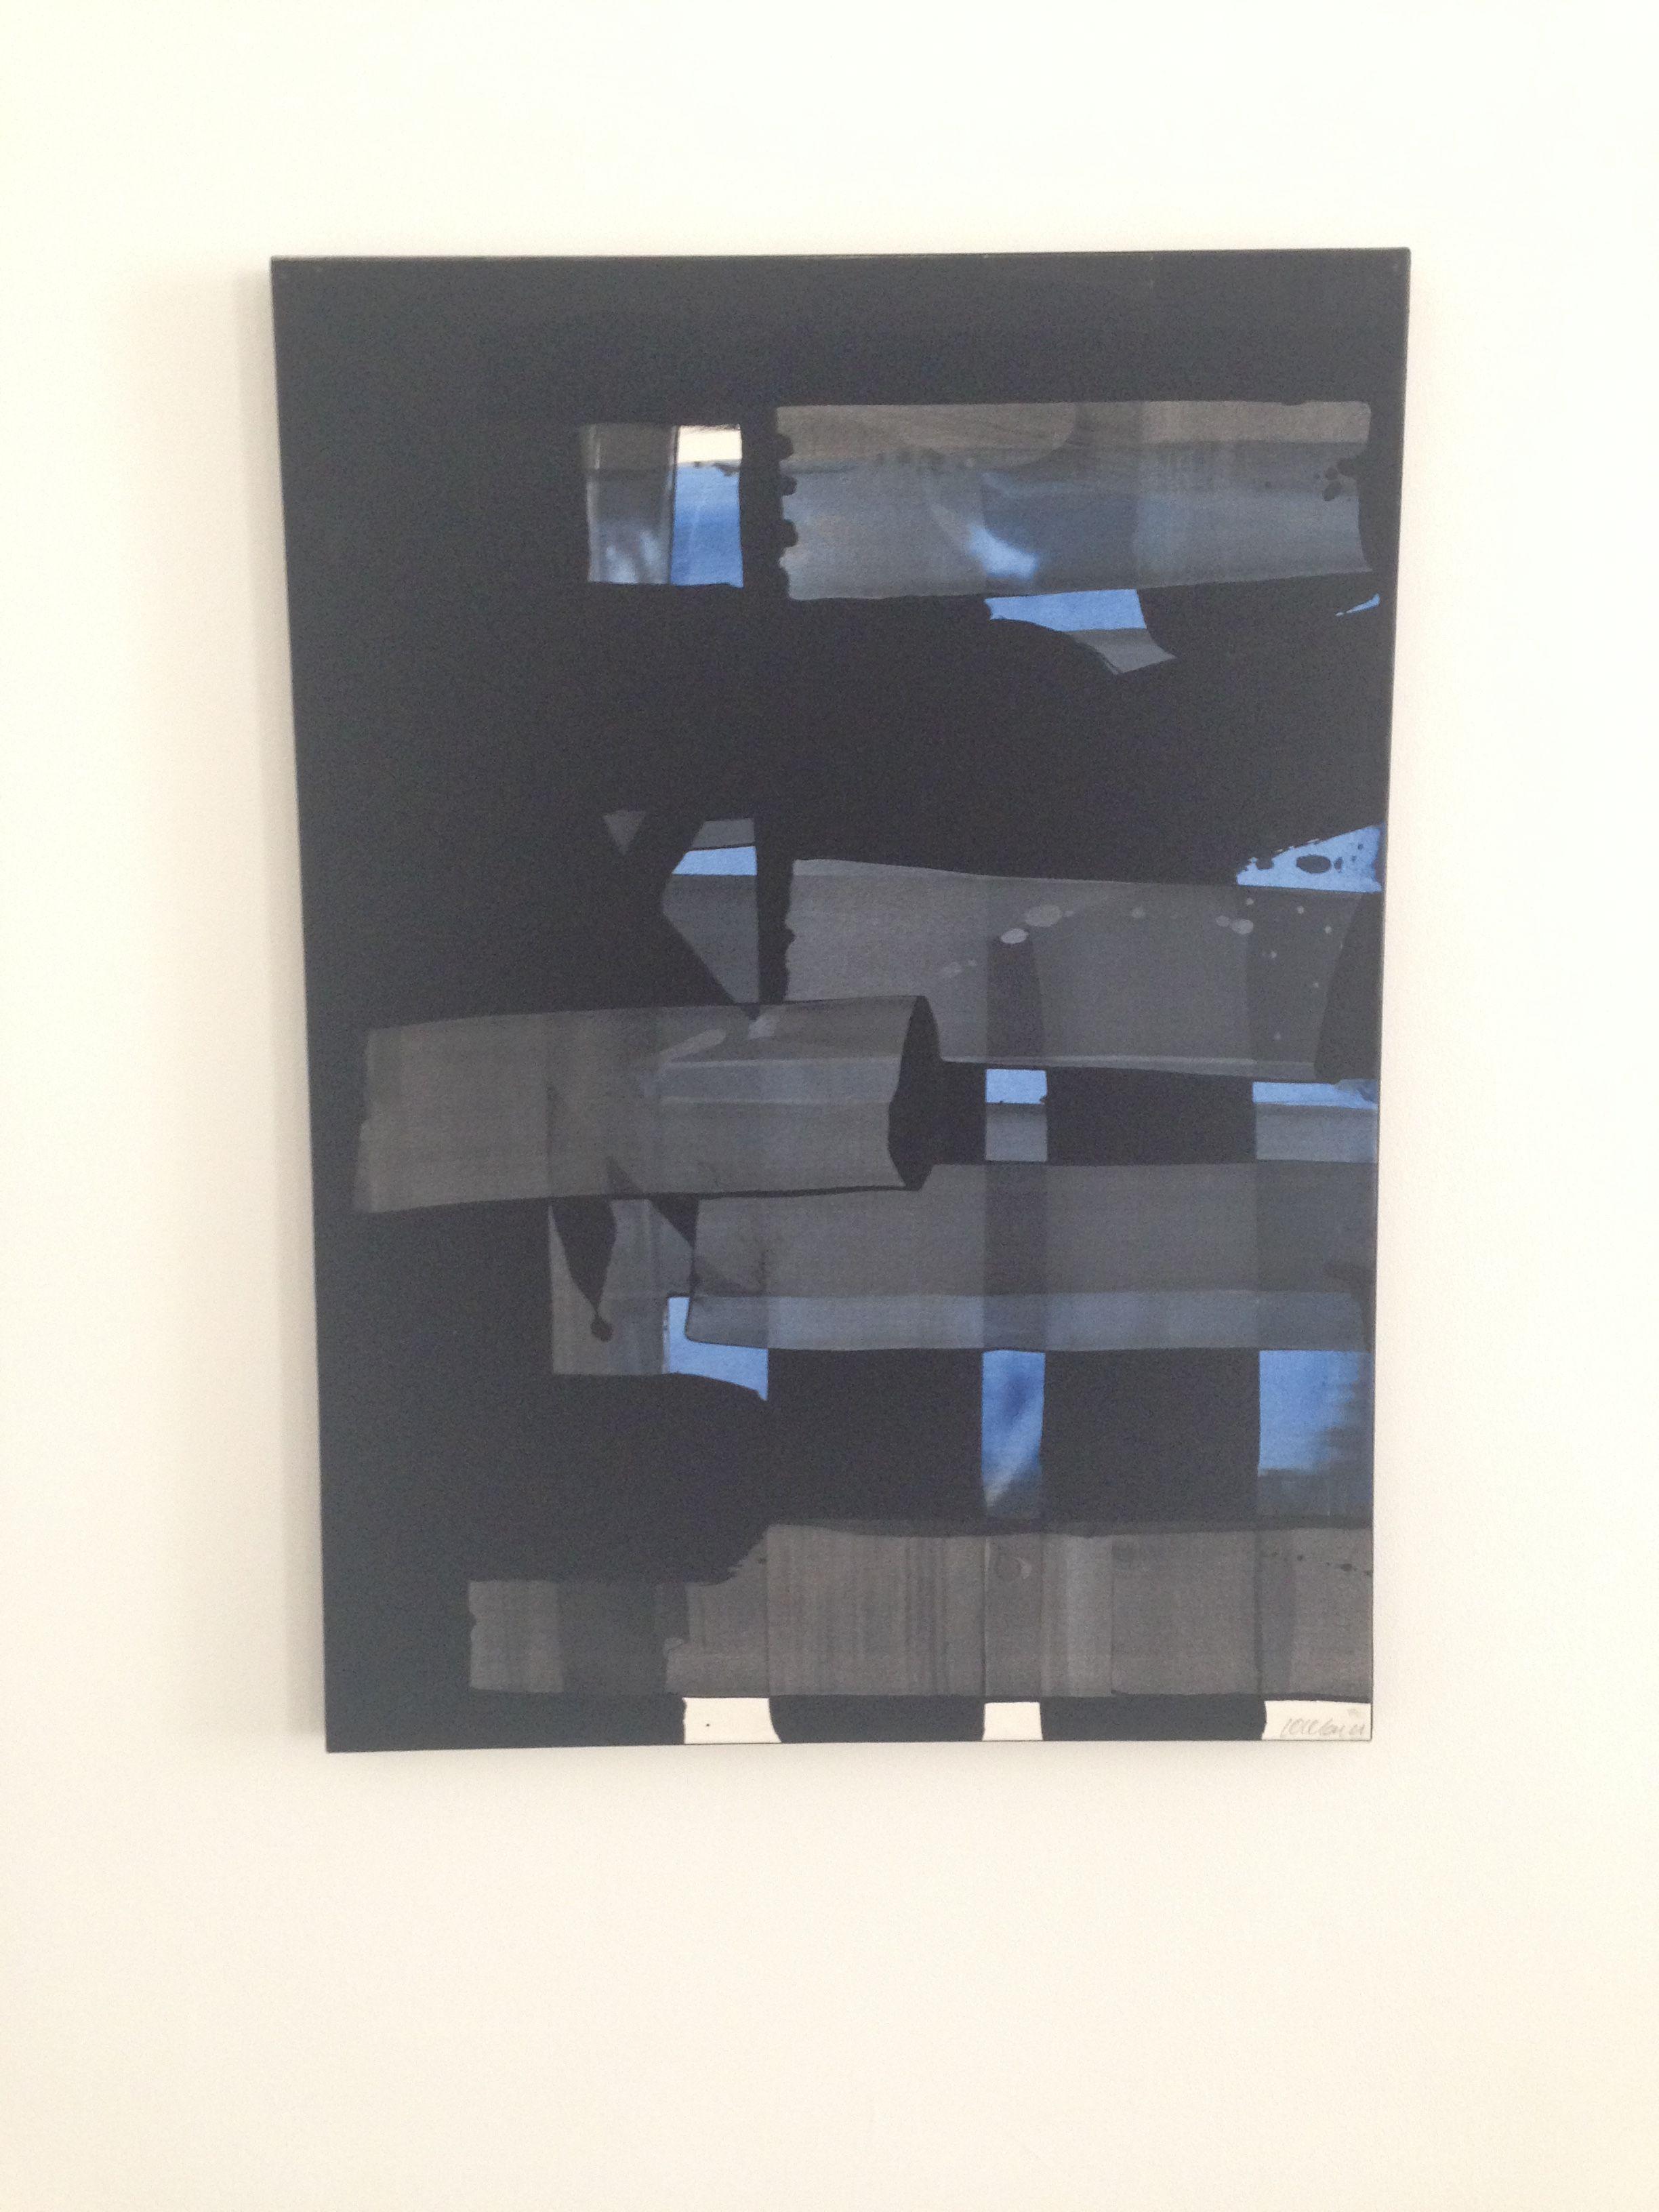 """Pierre Soulages """"Gouache sur papier 75,1 X 54,6cm"""" (1973), Musée Picasso, Antibes,Côte d'Azur (French Riviera), by www.yourguideboba.com"""